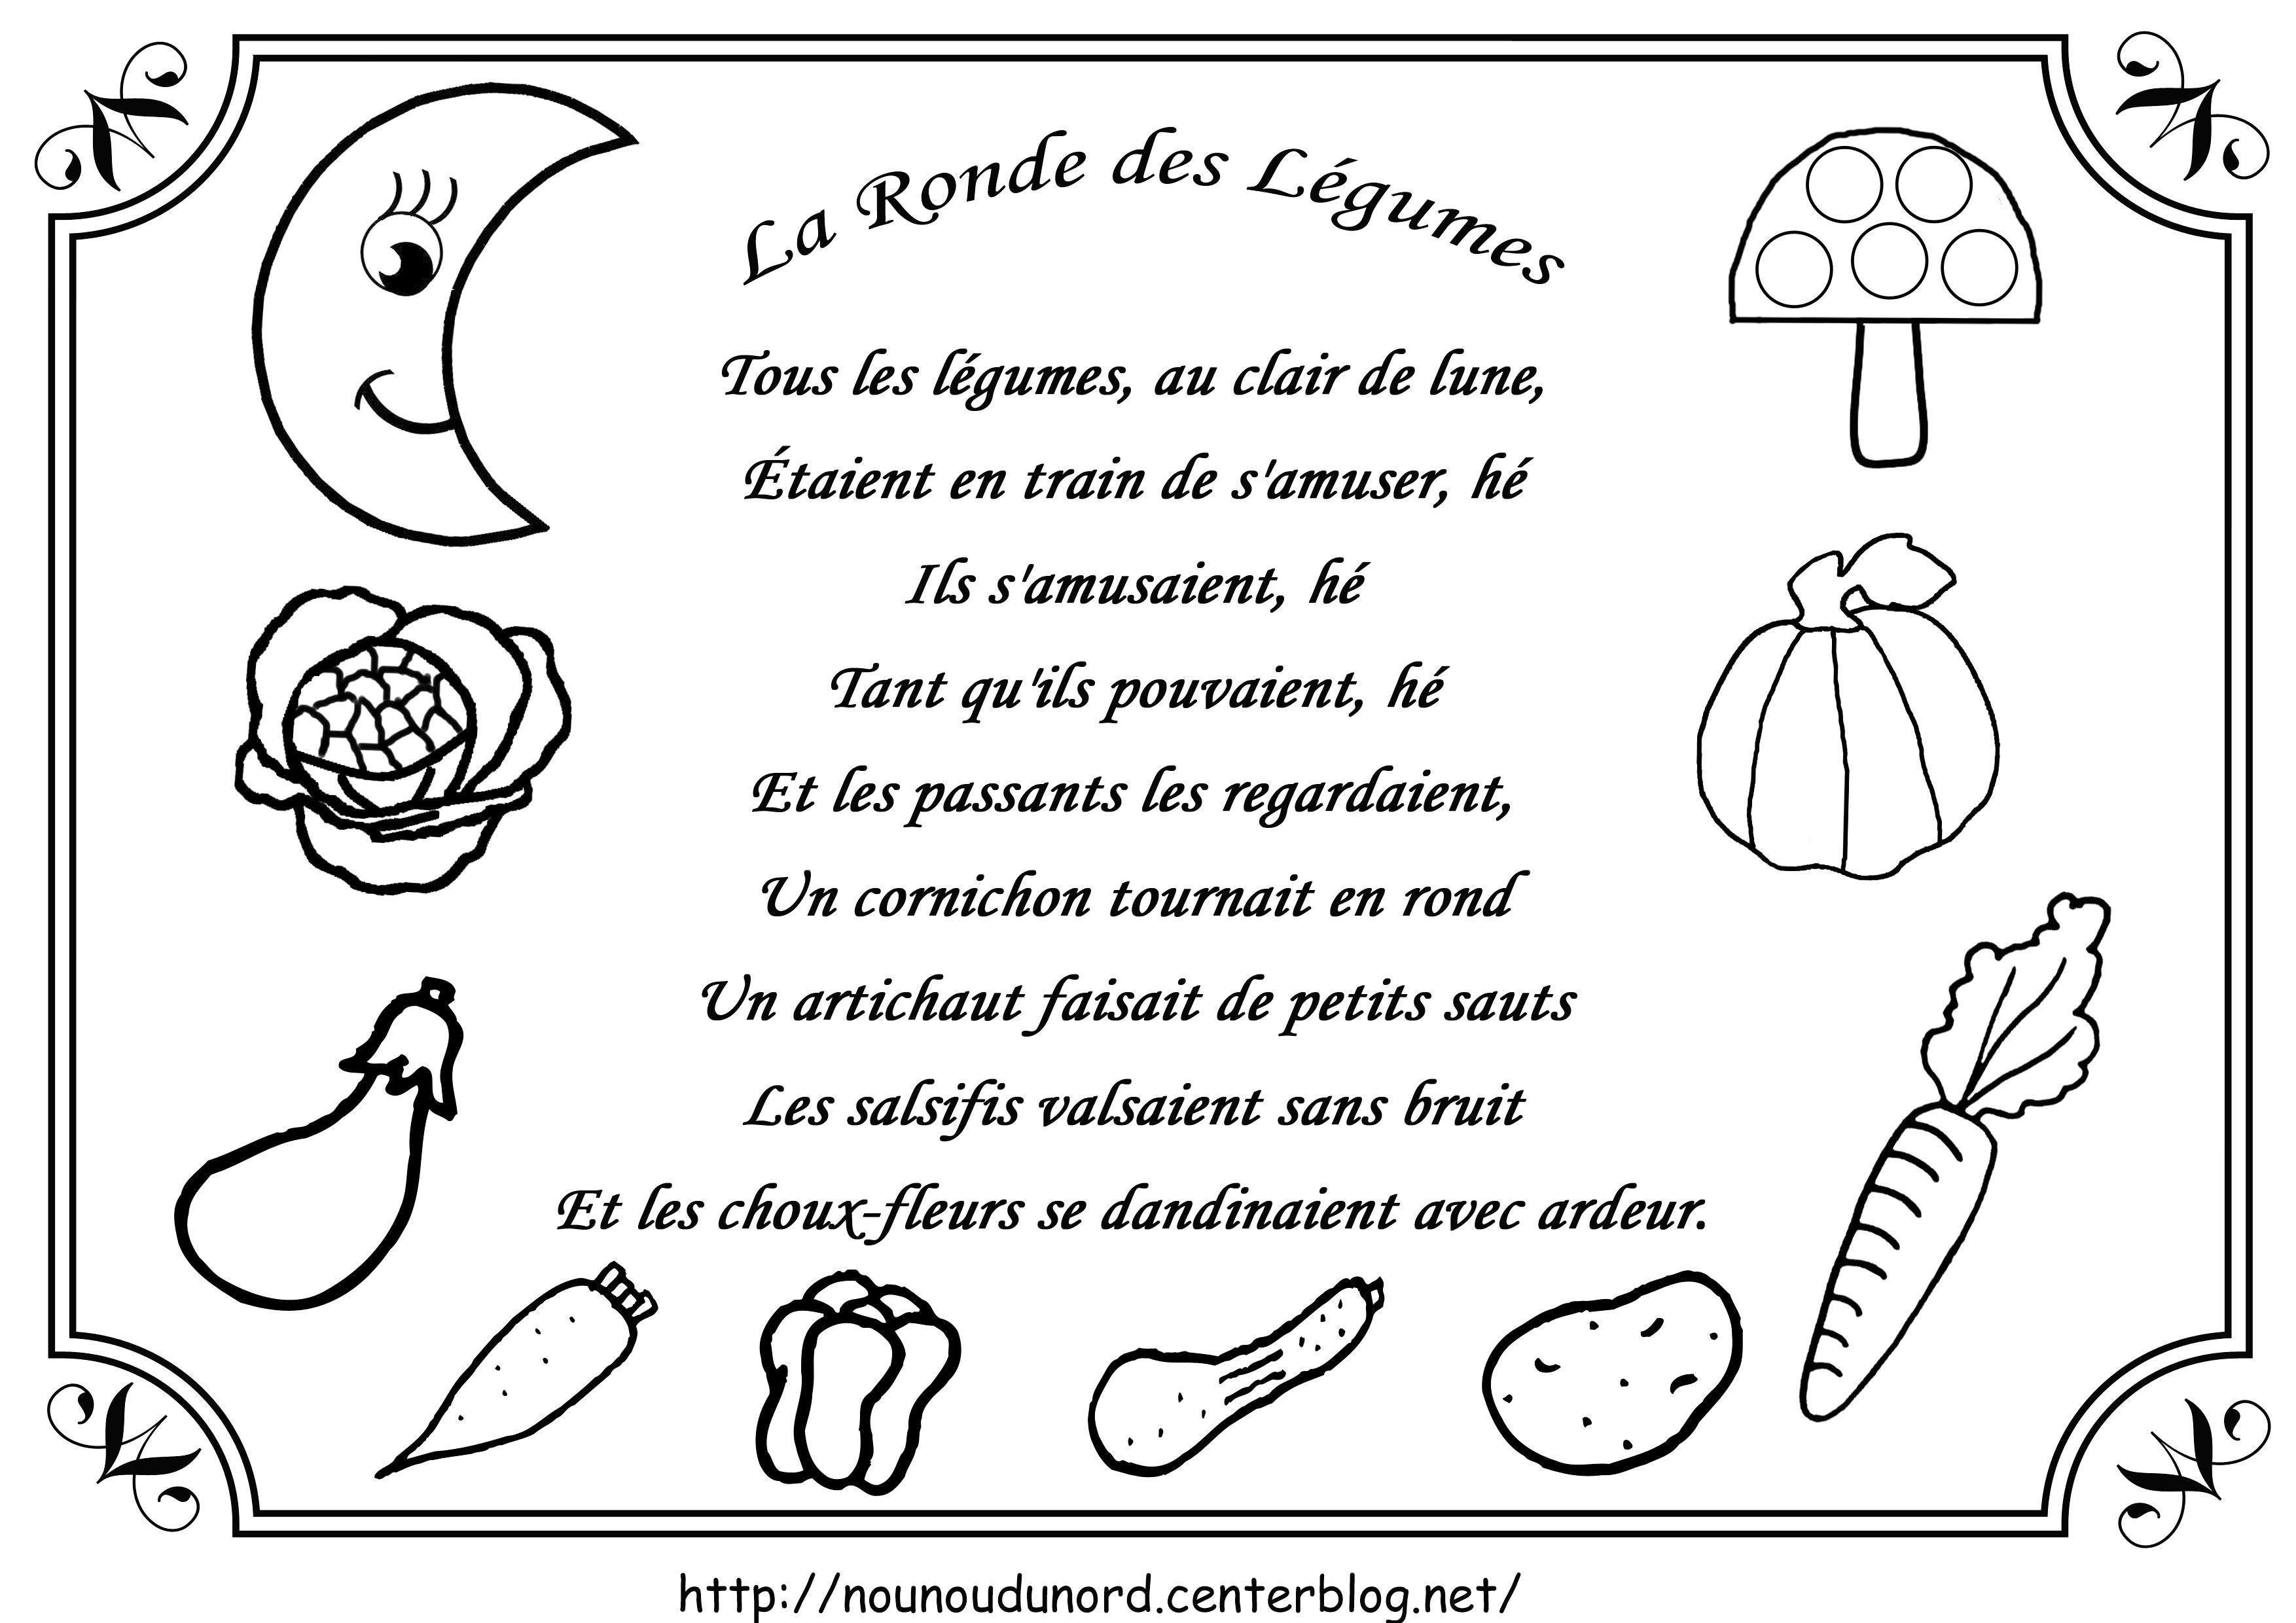 Comptine la ronde des légumes illustrée par nounoudunord